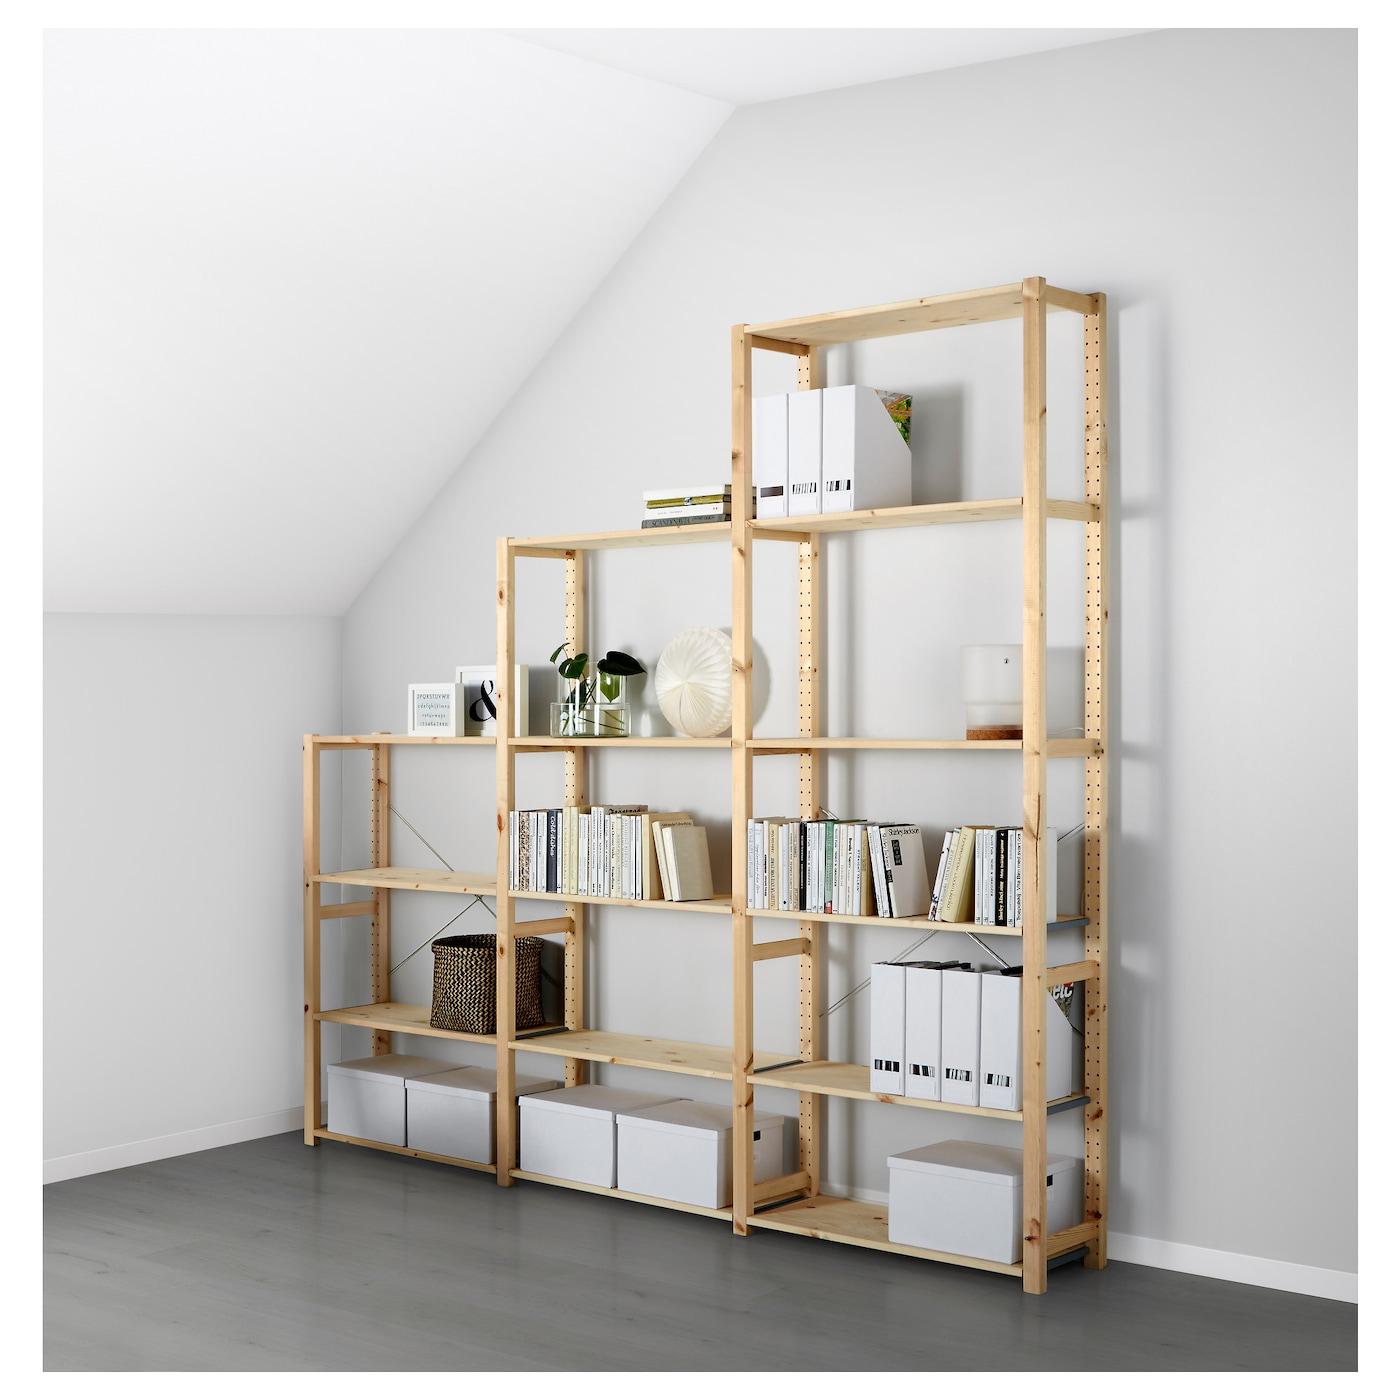 Küchen-Standregale online kaufen   Möbel-Suchmaschine   ladendirekt.de